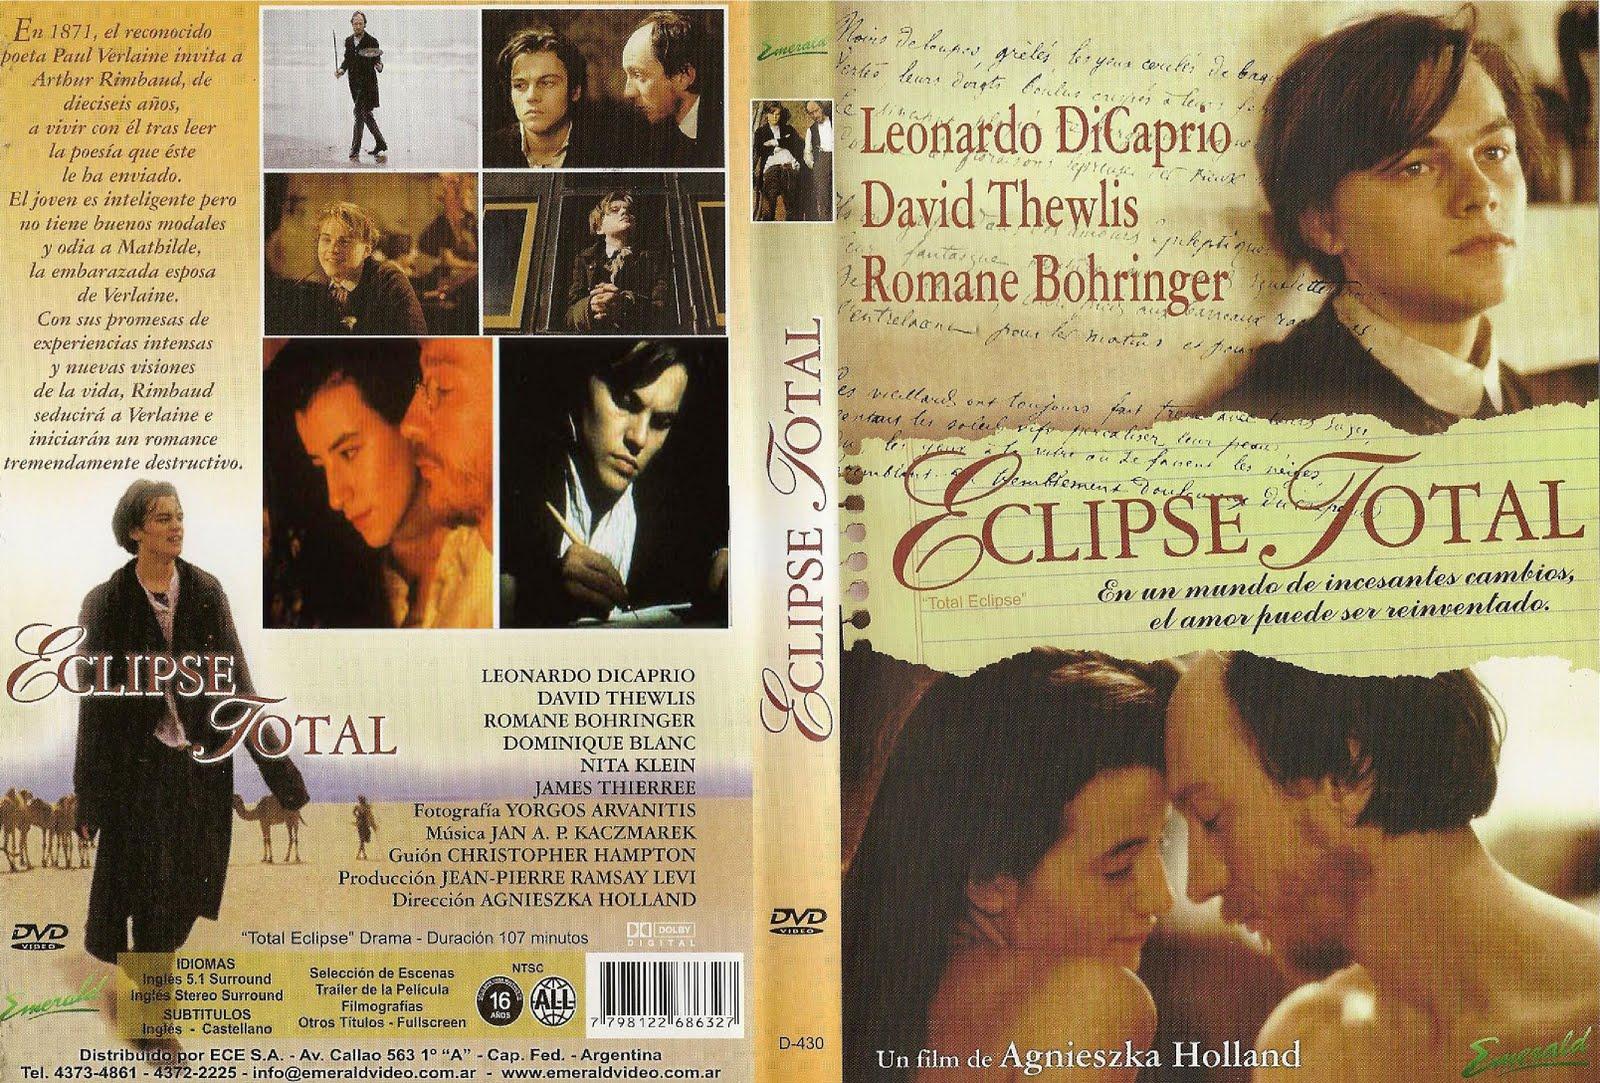 http://1.bp.blogspot.com/_FN7dlH54yBQ/TBoR8_i11JI/AAAAAAAADGM/RnvaZ5JAC6g/s1600/Eclipse+Total.jpg